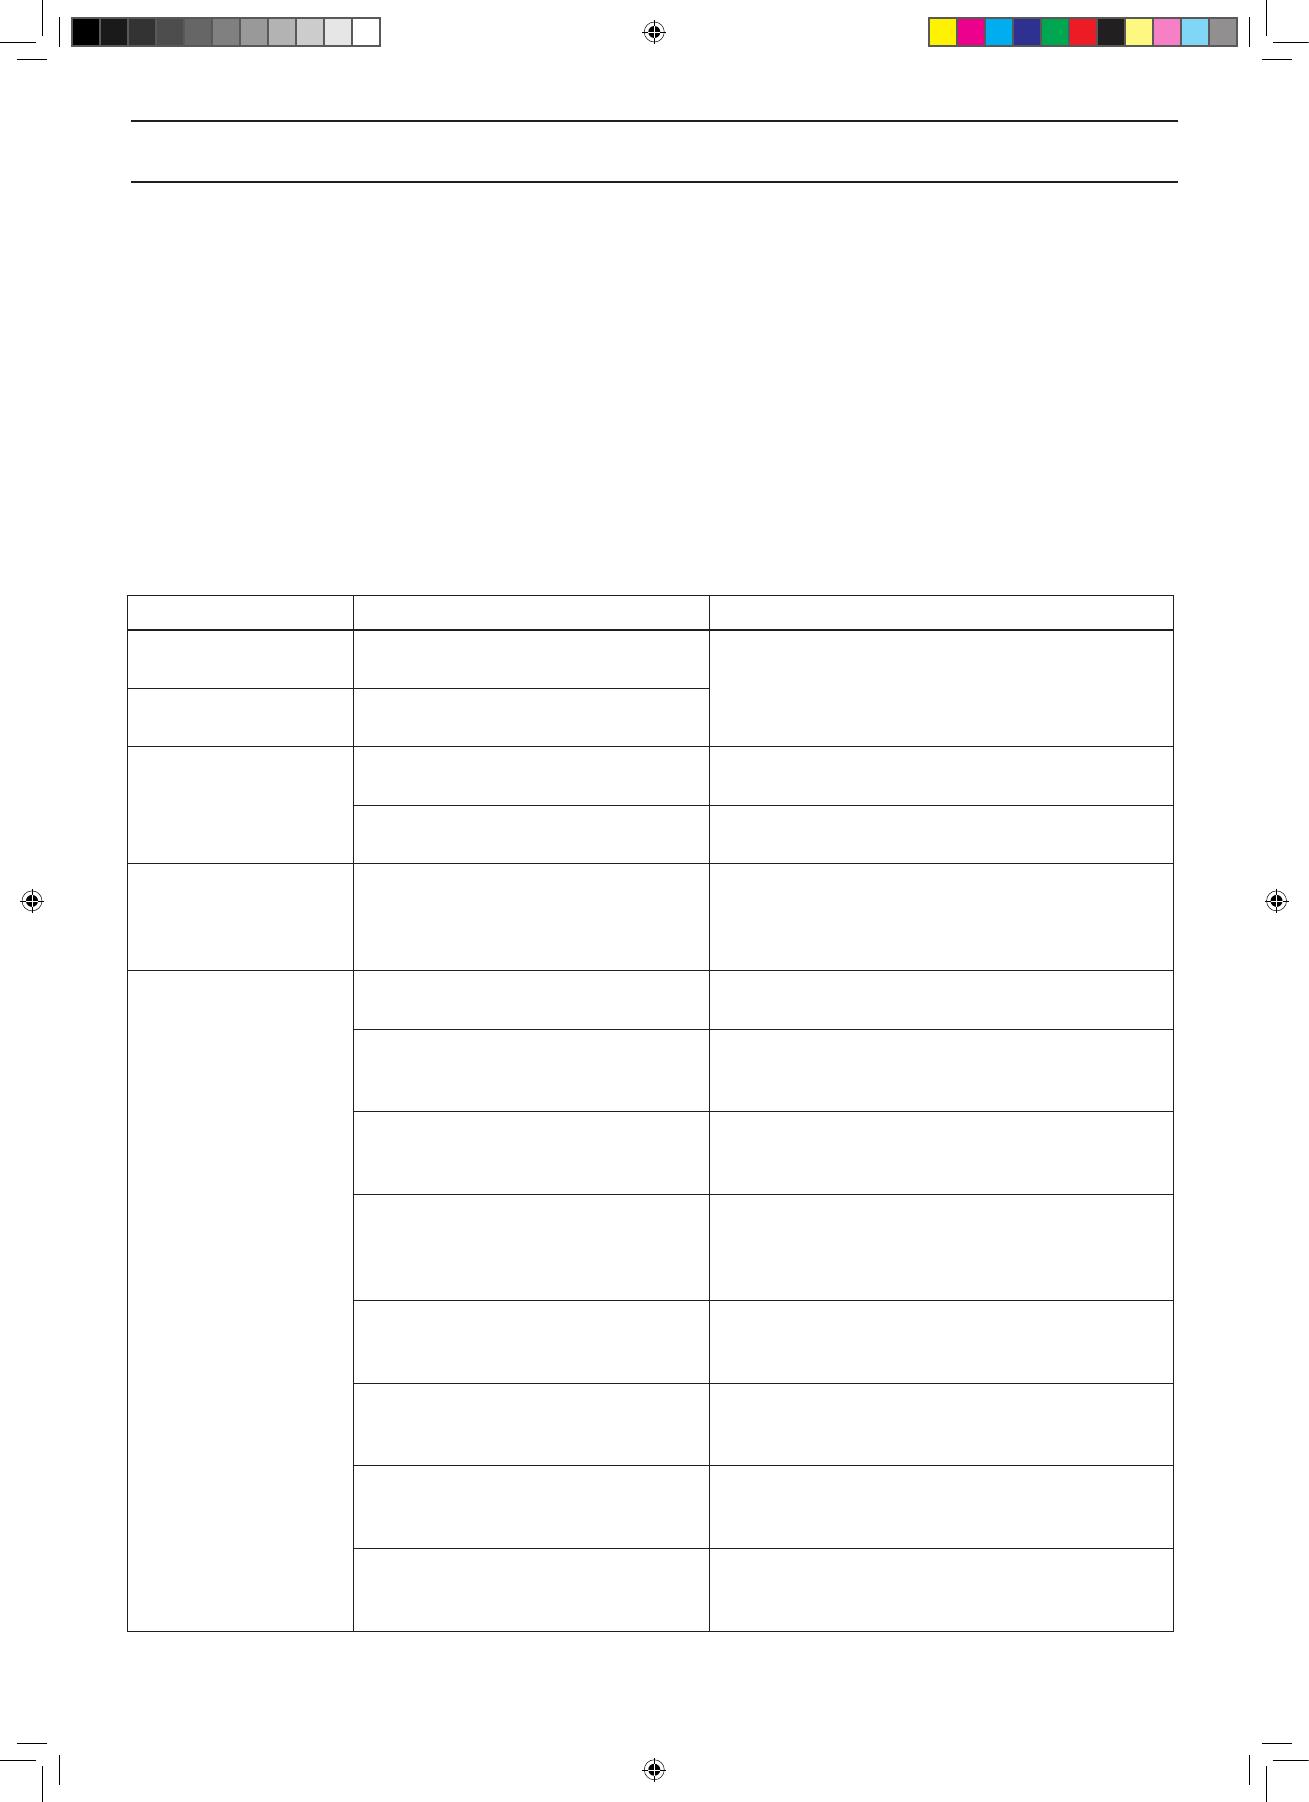 Handleiding Husqvarna AUTOMOWER 430X (pagina 82 van 100